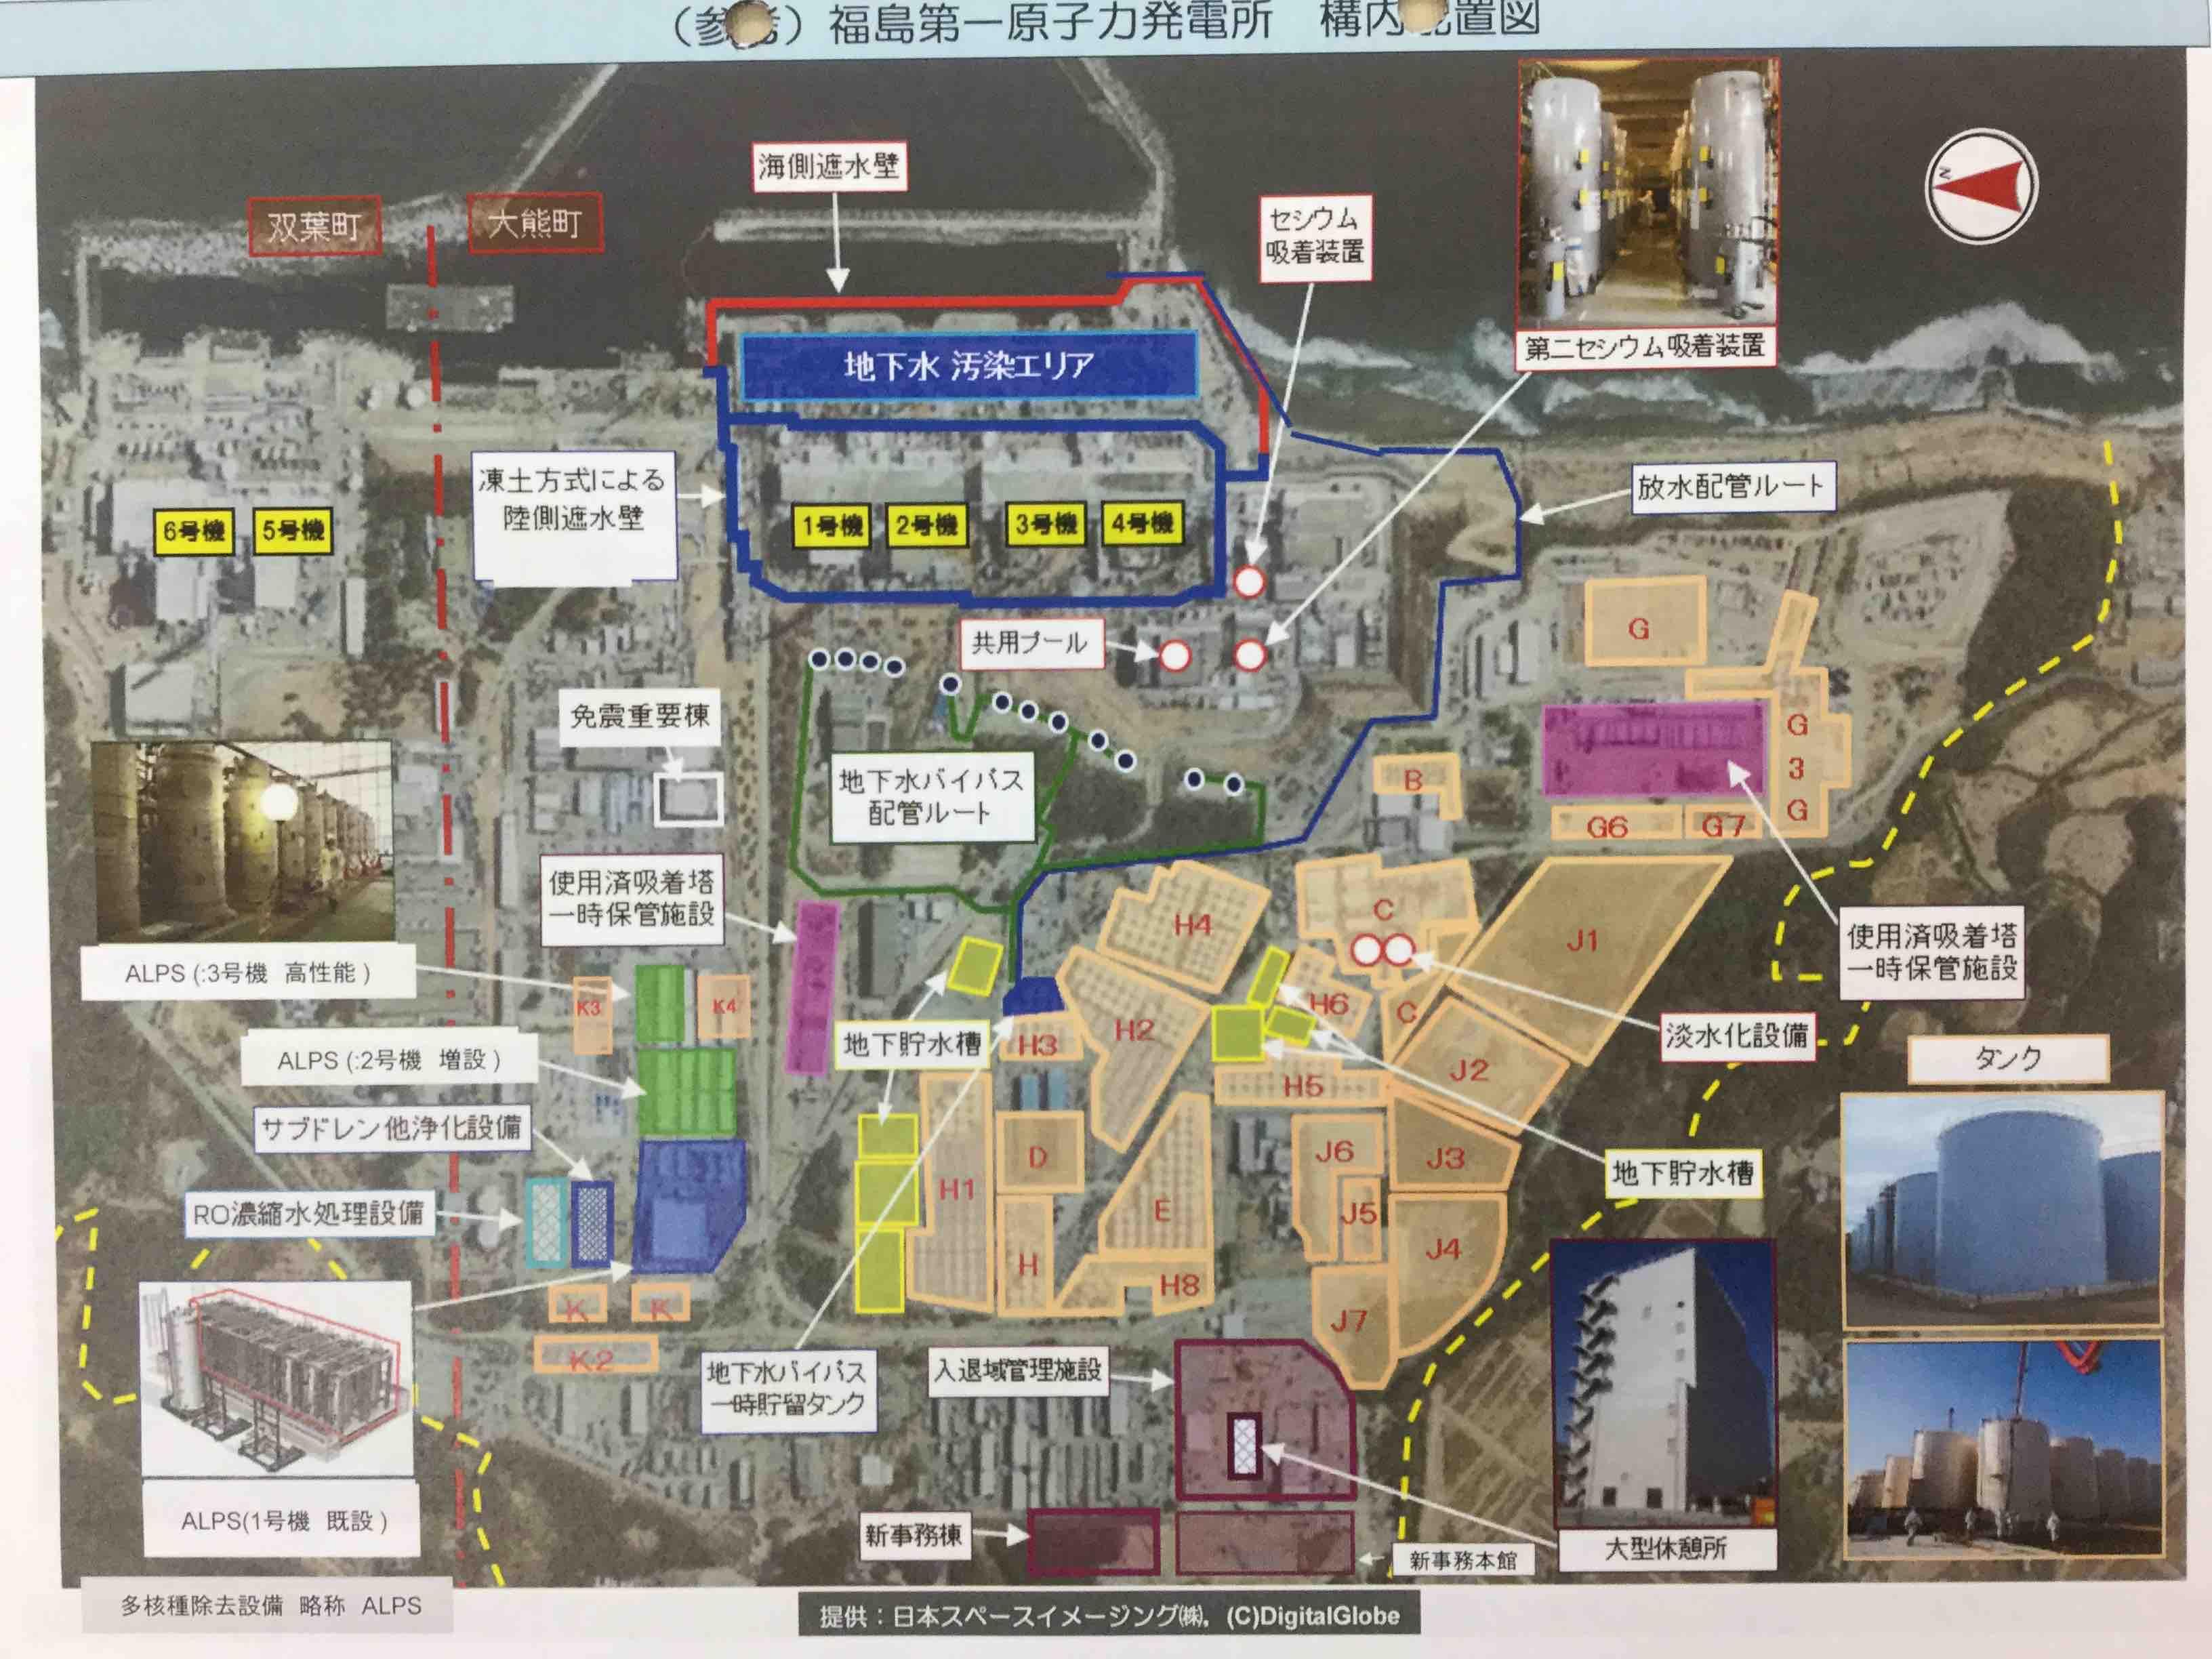 特別委員会、東電への申し入れ事項検討へ_e0068696_1621792.jpg